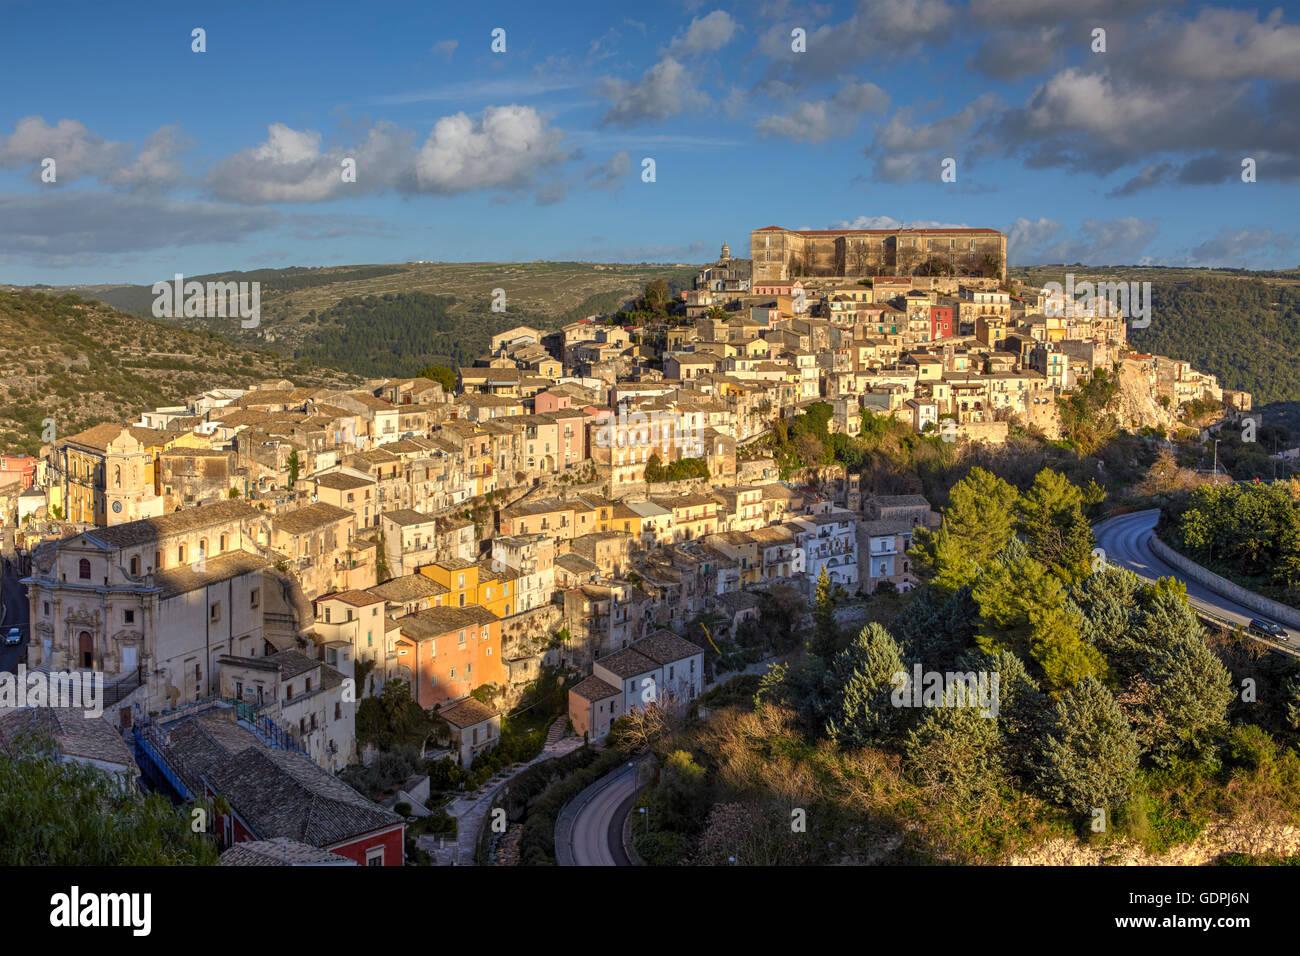 Ciudad de Ragusa Ibla, Sicilia, Italia Imagen De Stock